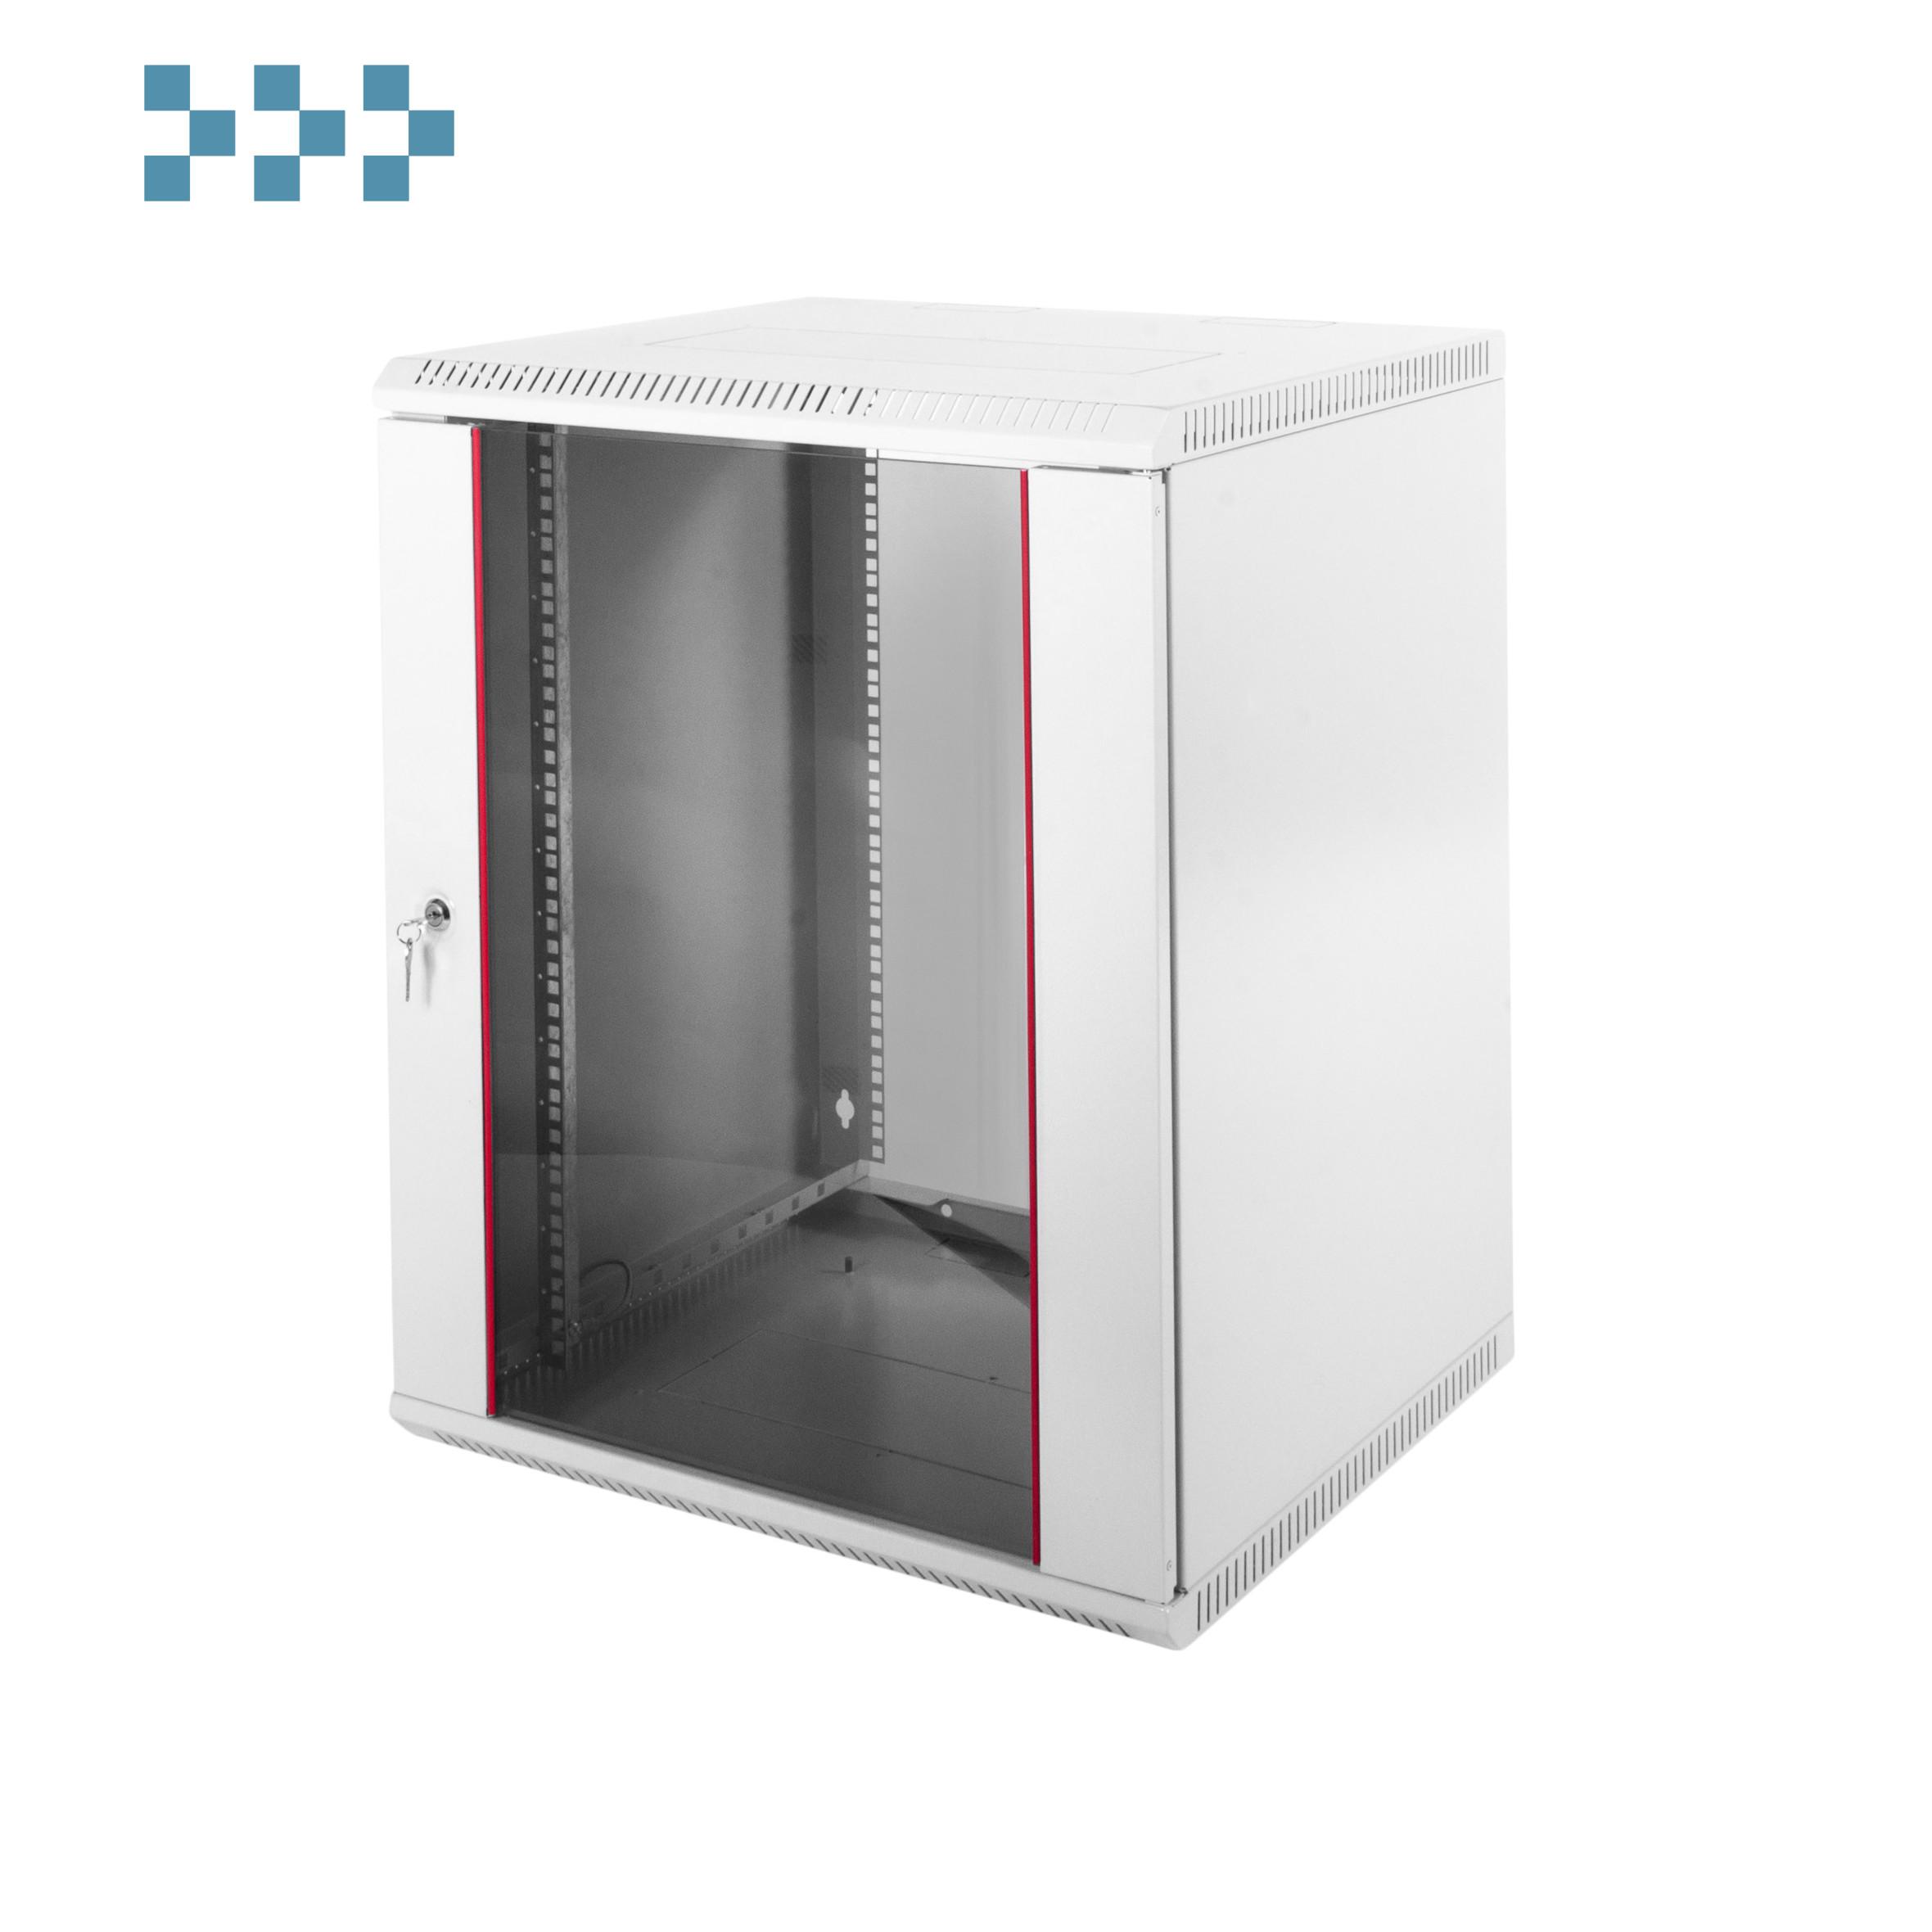 Шкаф телекоммуникационный настенный разборный ЦМО 12U ШРН-Э-12.500